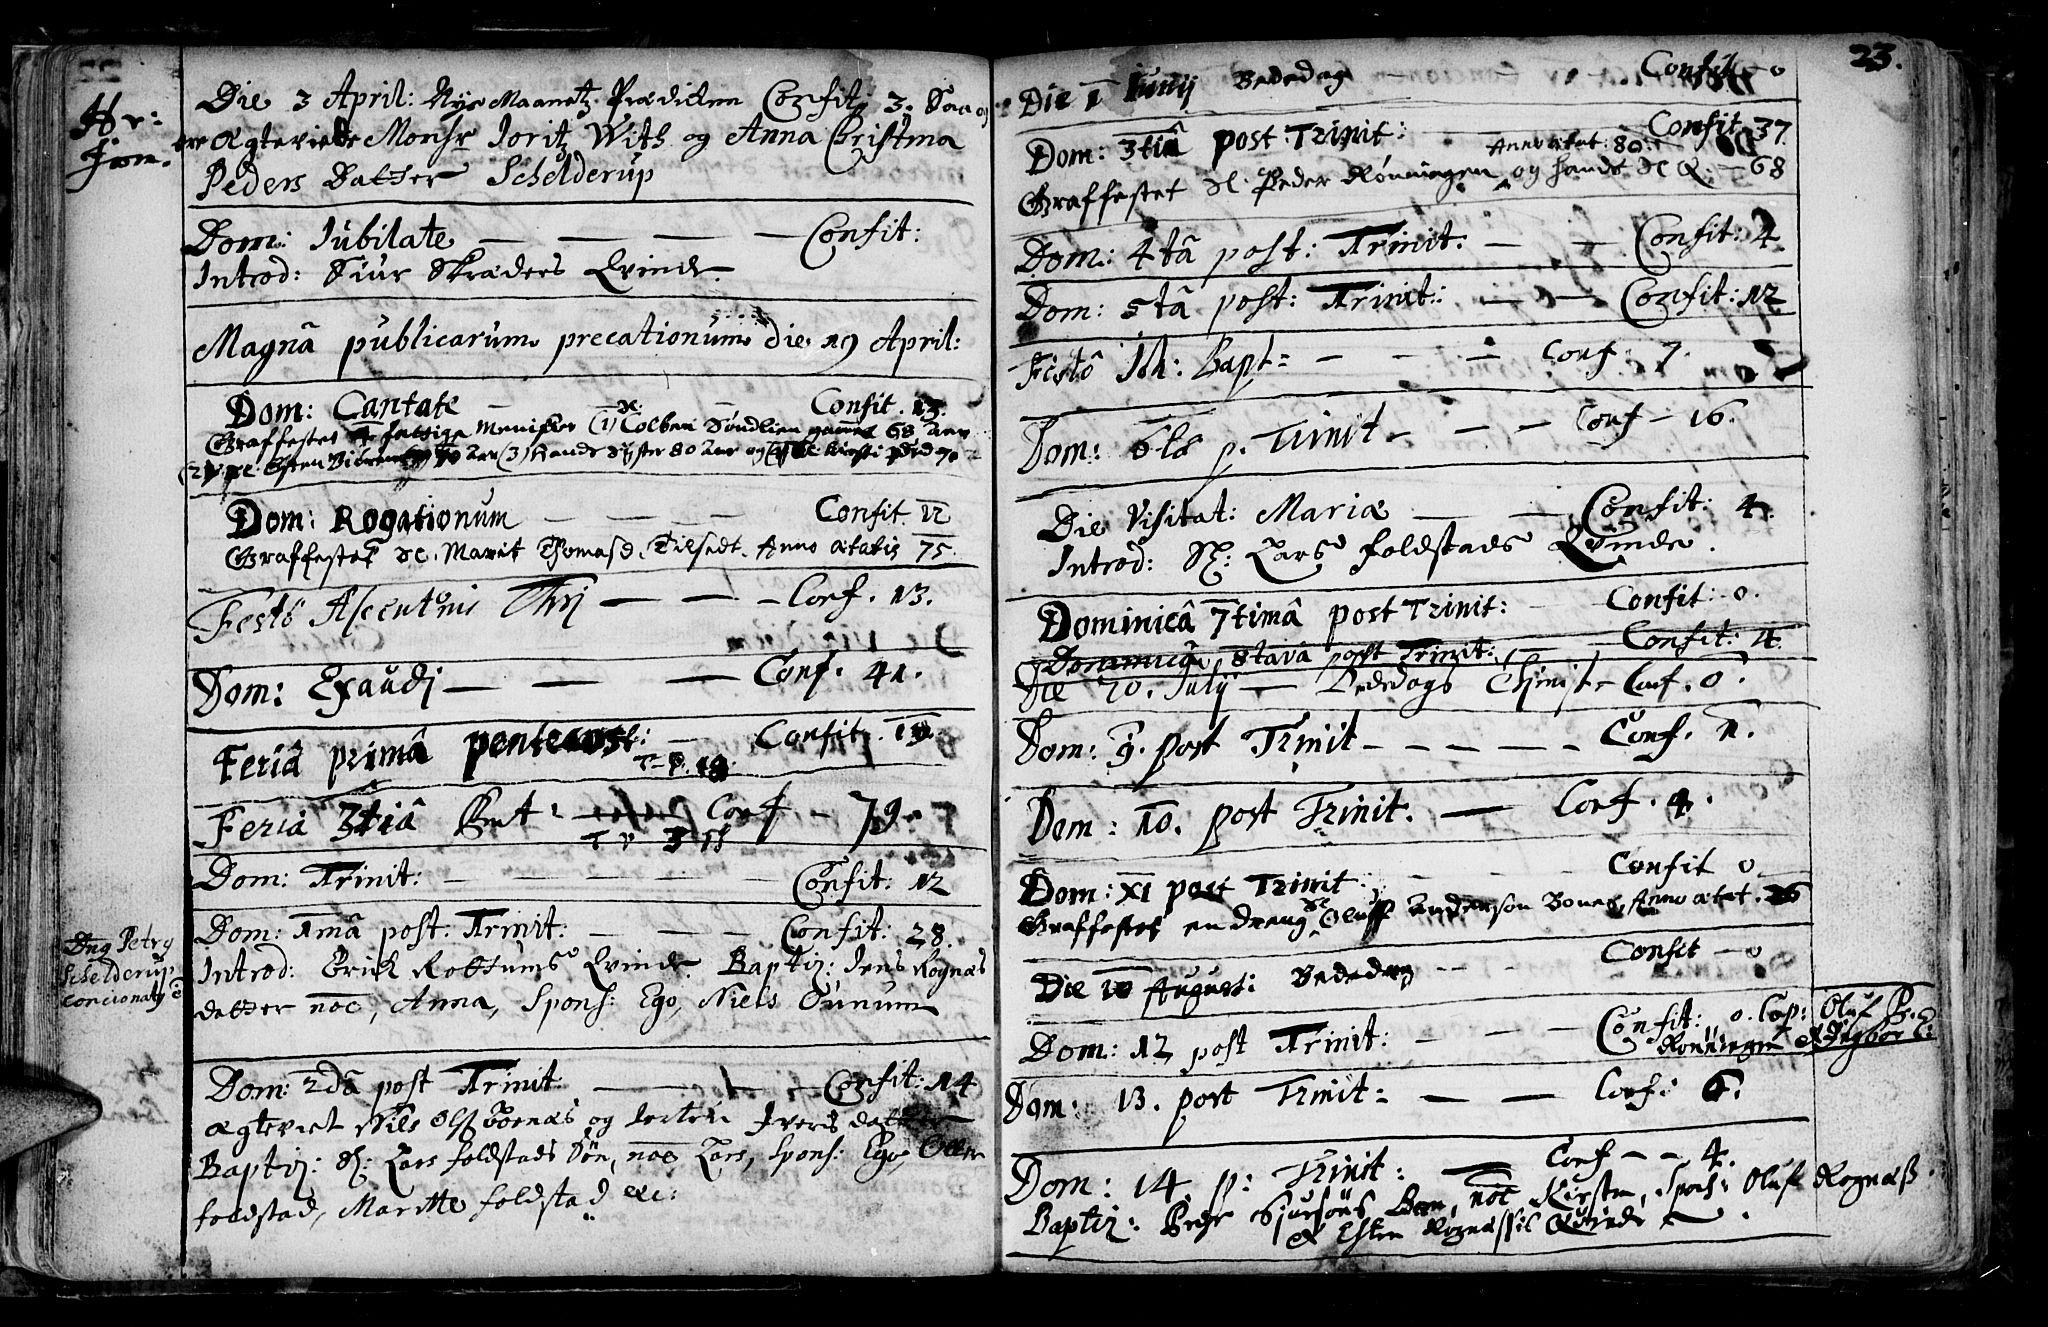 SAT, Ministerialprotokoller, klokkerbøker og fødselsregistre - Sør-Trøndelag, 687/L0990: Ministerialbok nr. 687A01, 1690-1746, s. 23